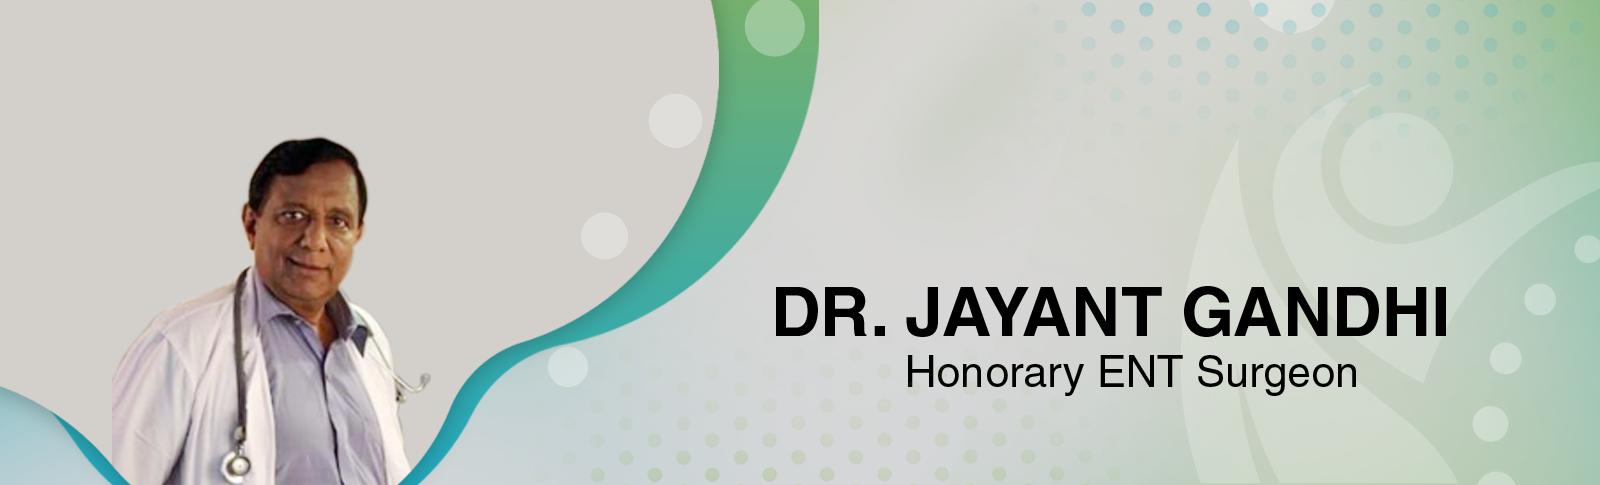 Dr. Jayant Gandhi